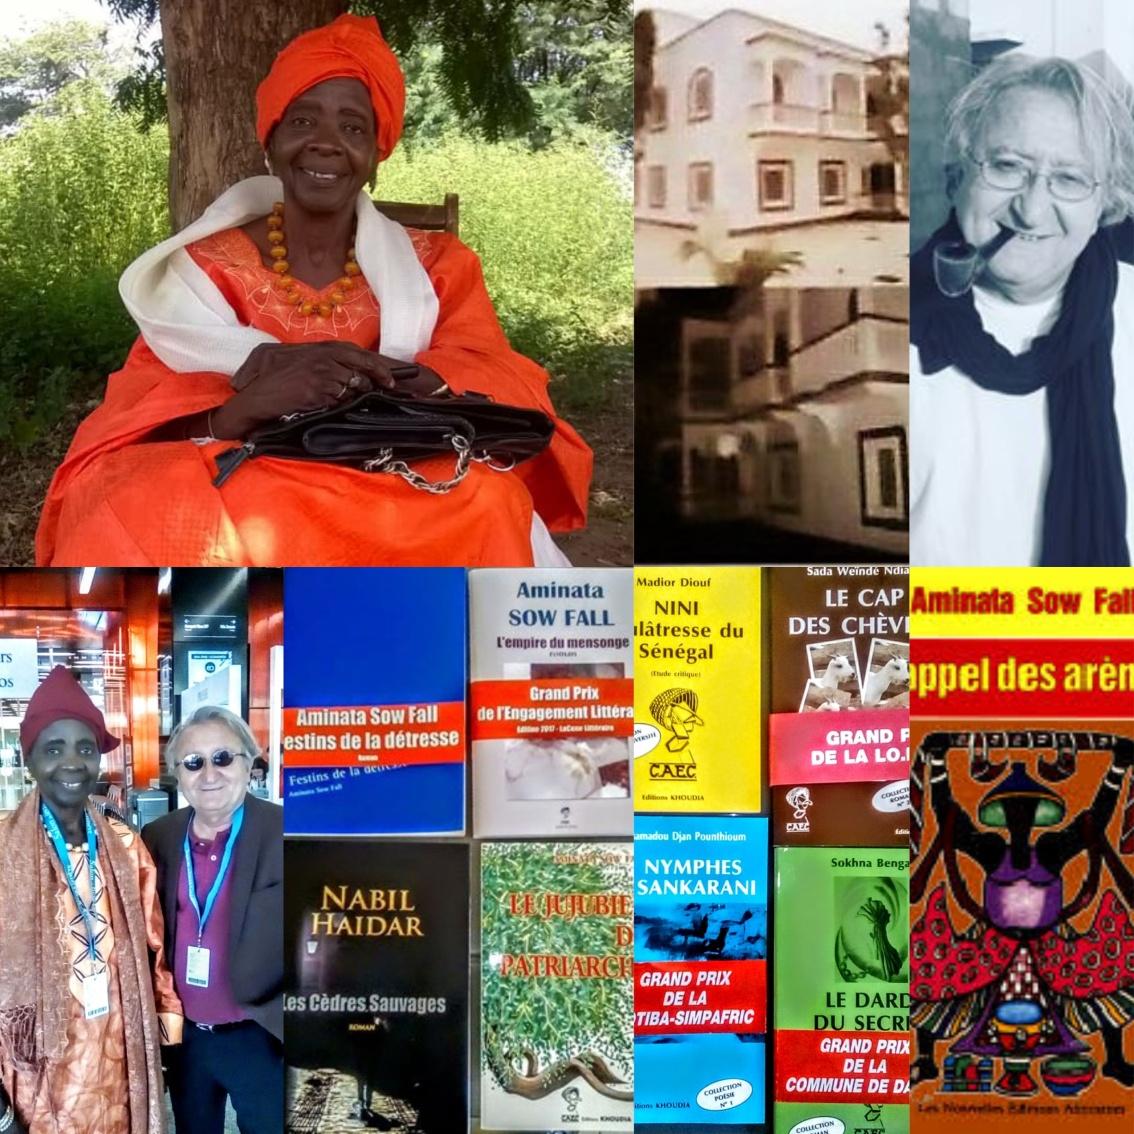 Les Editions Khoudia – Centre Africain d'Echanges et d'Animations Culturelles(CAEC)